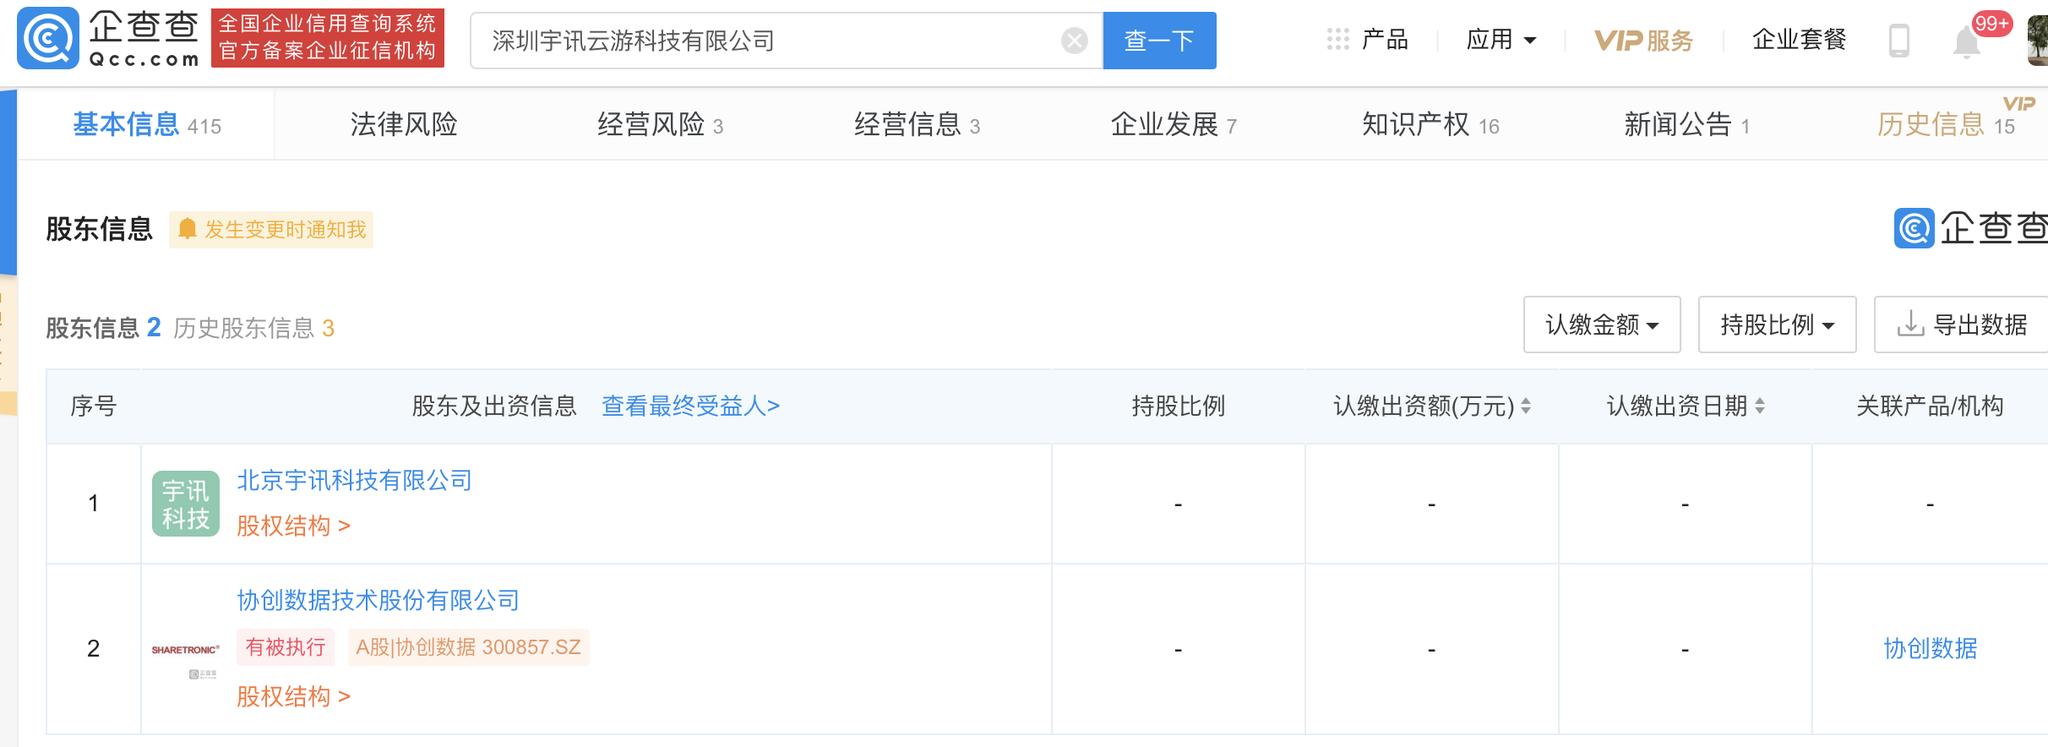 协创数据入股宇讯云游科技公司,后者经营范围含网络游戏研发